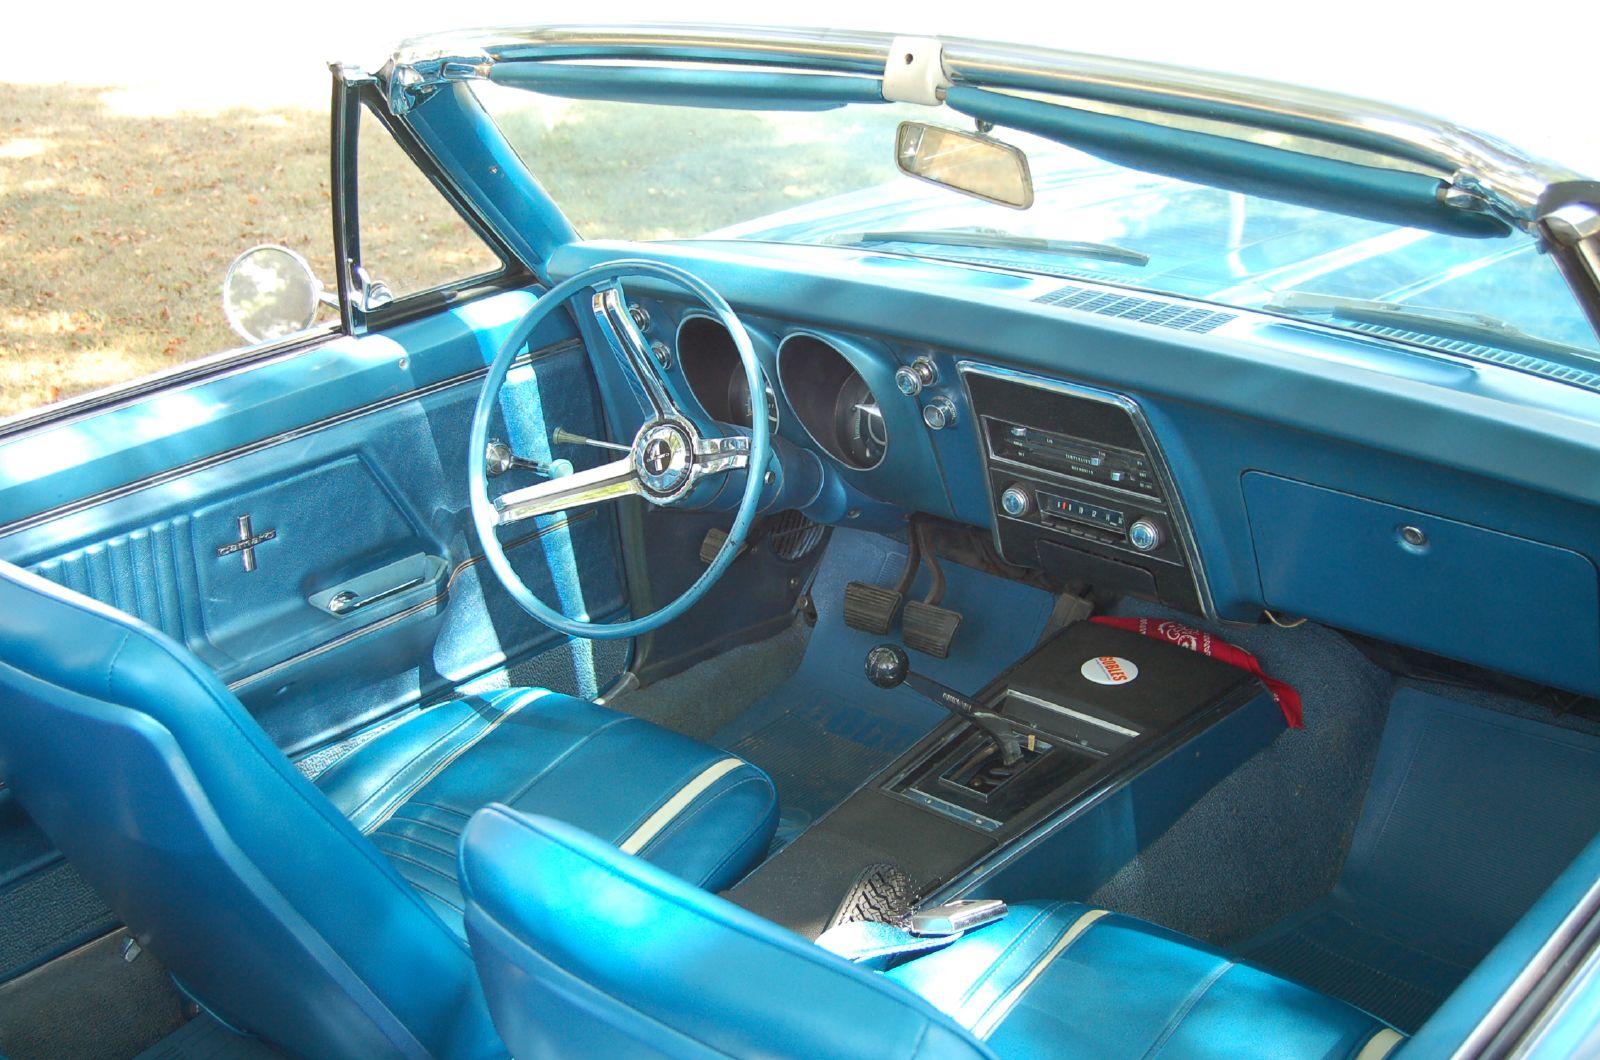 File:1967 Camaro interior.jpg - Wikimedia Commons